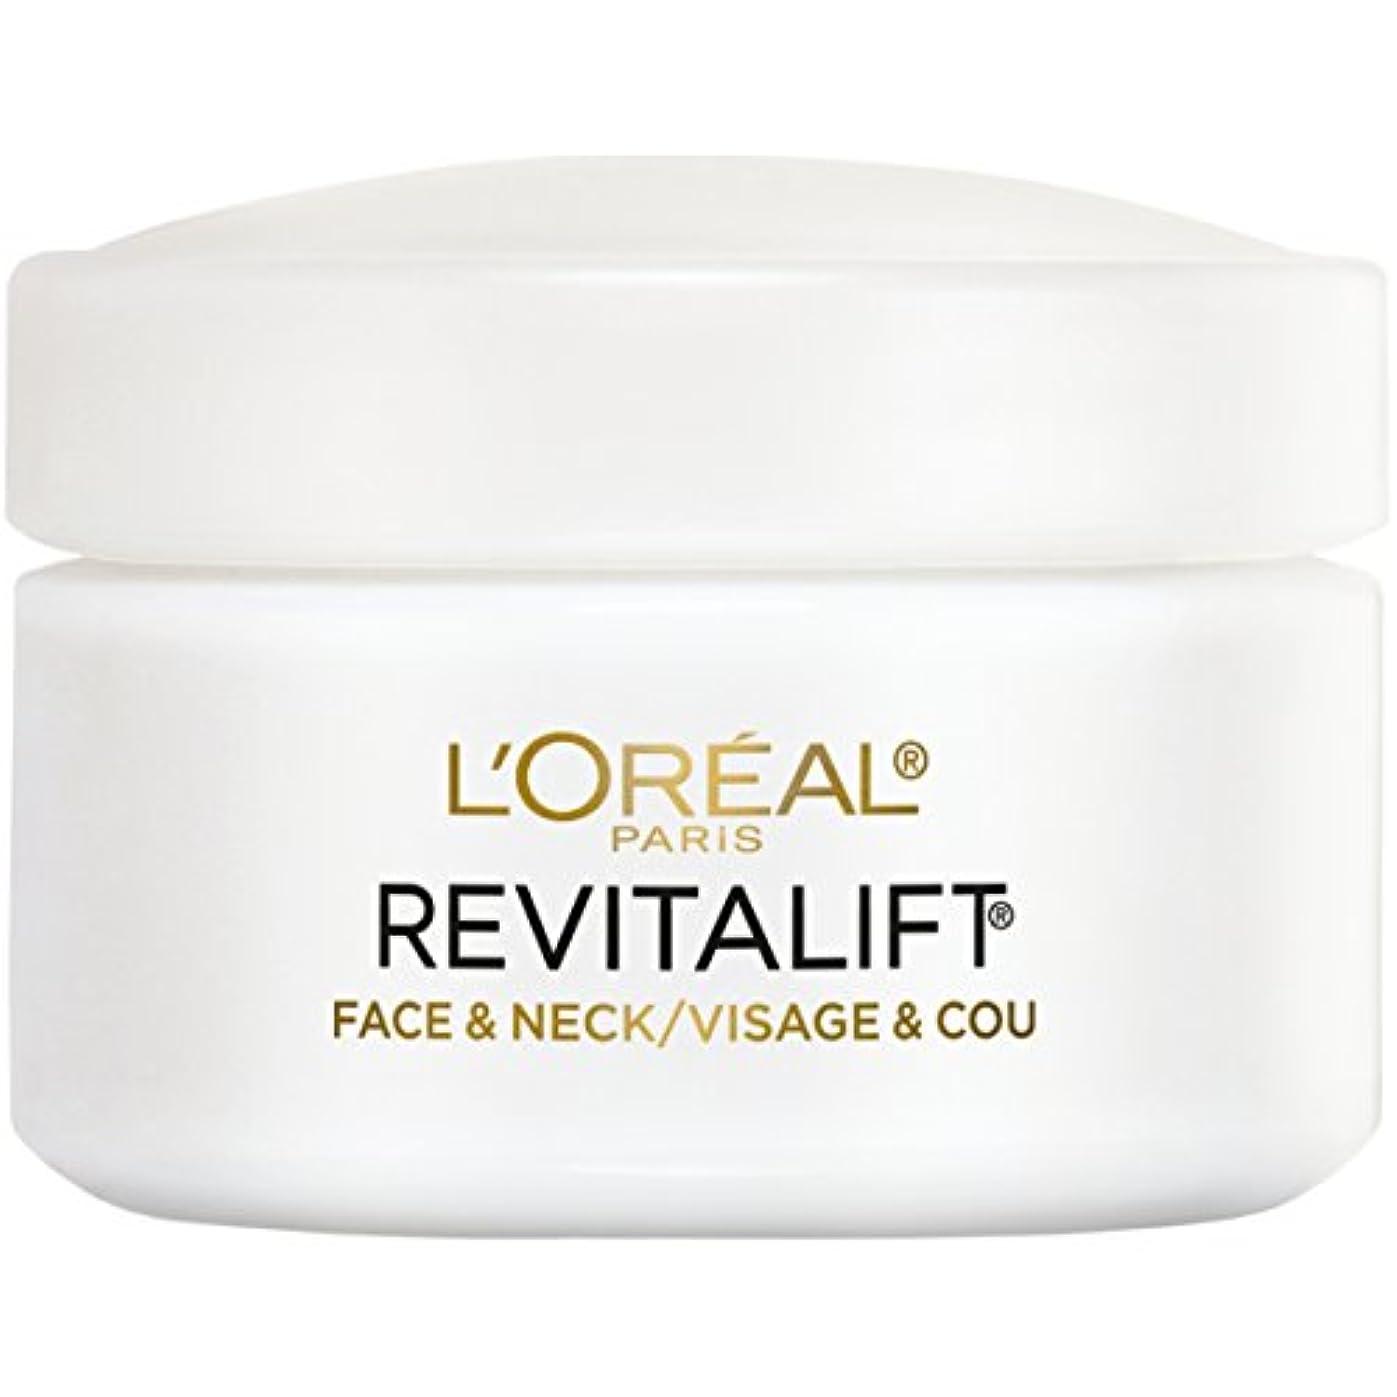 ズボン不従順比較的L'Oreal Paris Advanced RevitaLift Face and Neck Day Cream, 1.7 Ounce (並行輸入品)